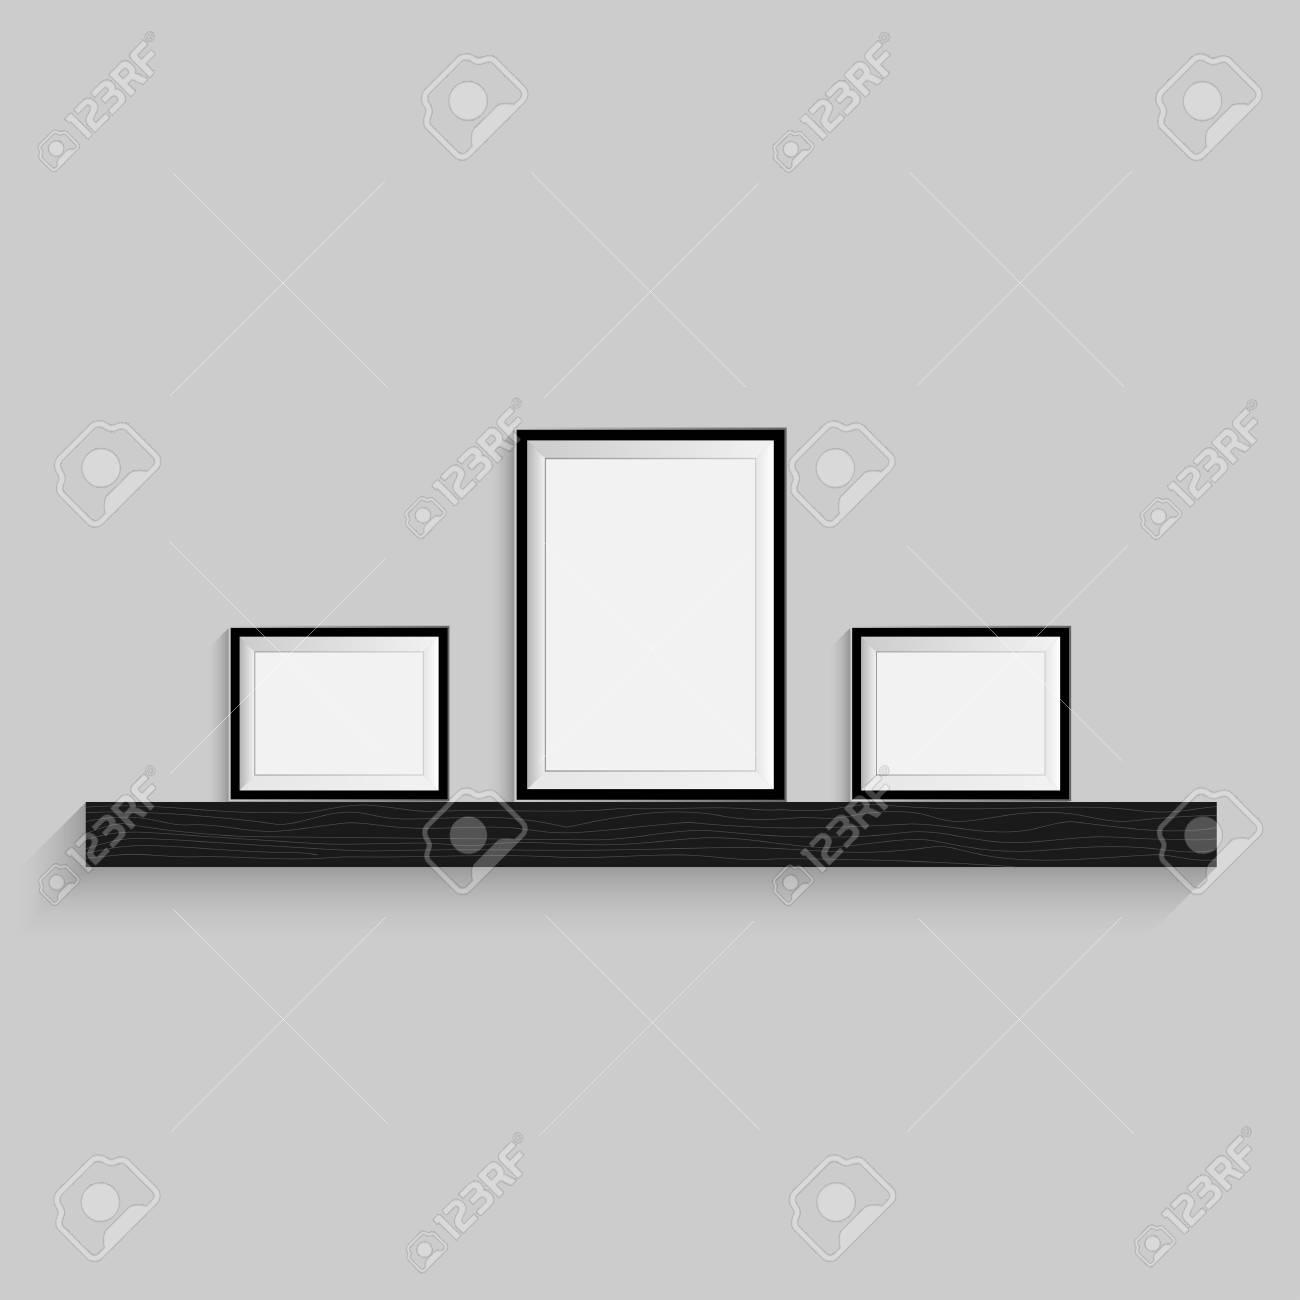 Rbol De Imagen En Blanco Negro. Plantilla De Marco Para El Diseño ...